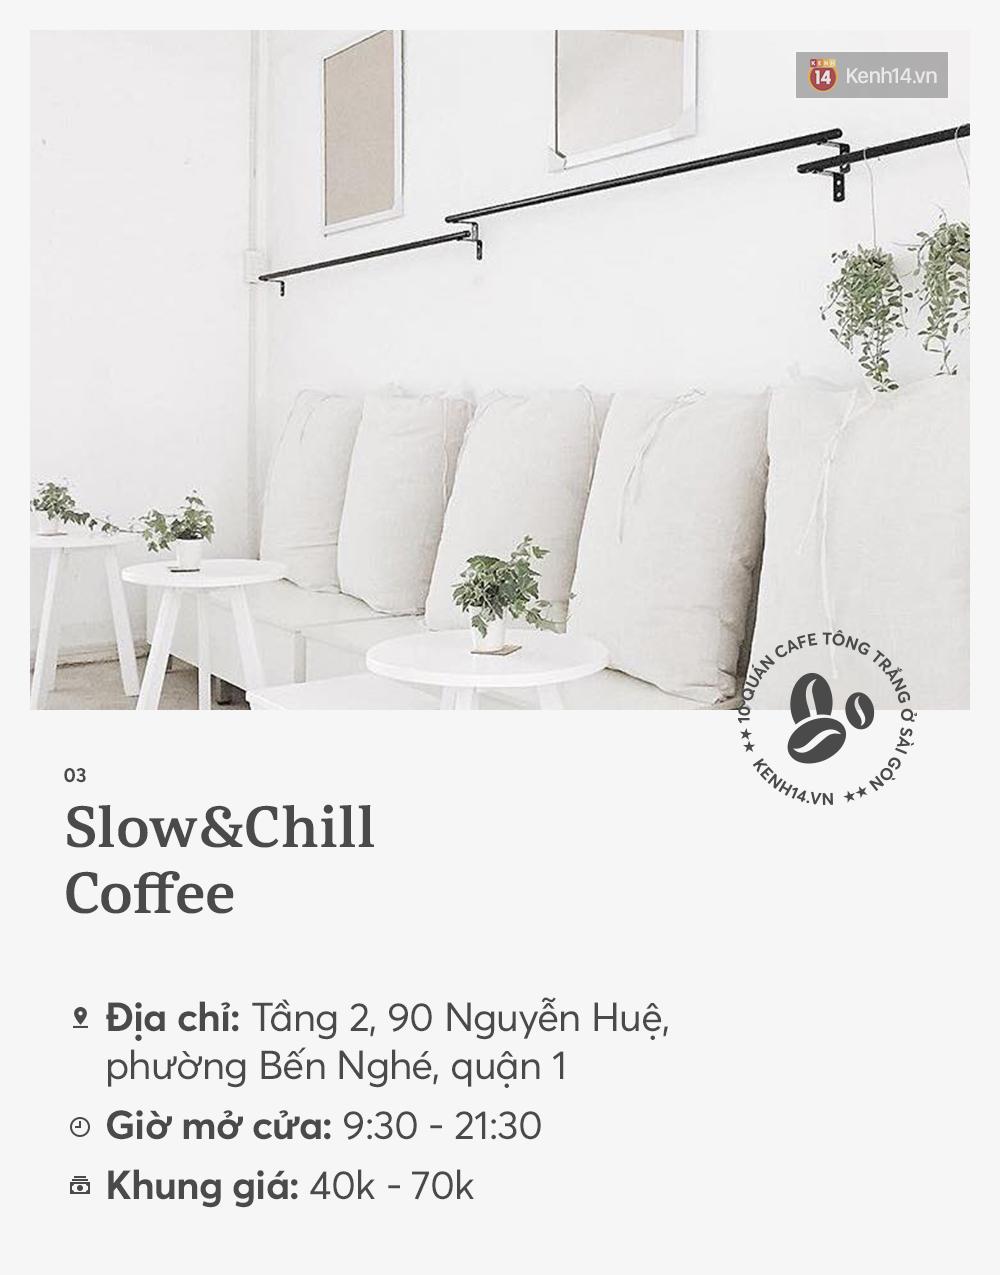 10 quán cà phê tông trắng ở Sài Gòn, cứ đến là có ảnh đẹp! - Ảnh 5.